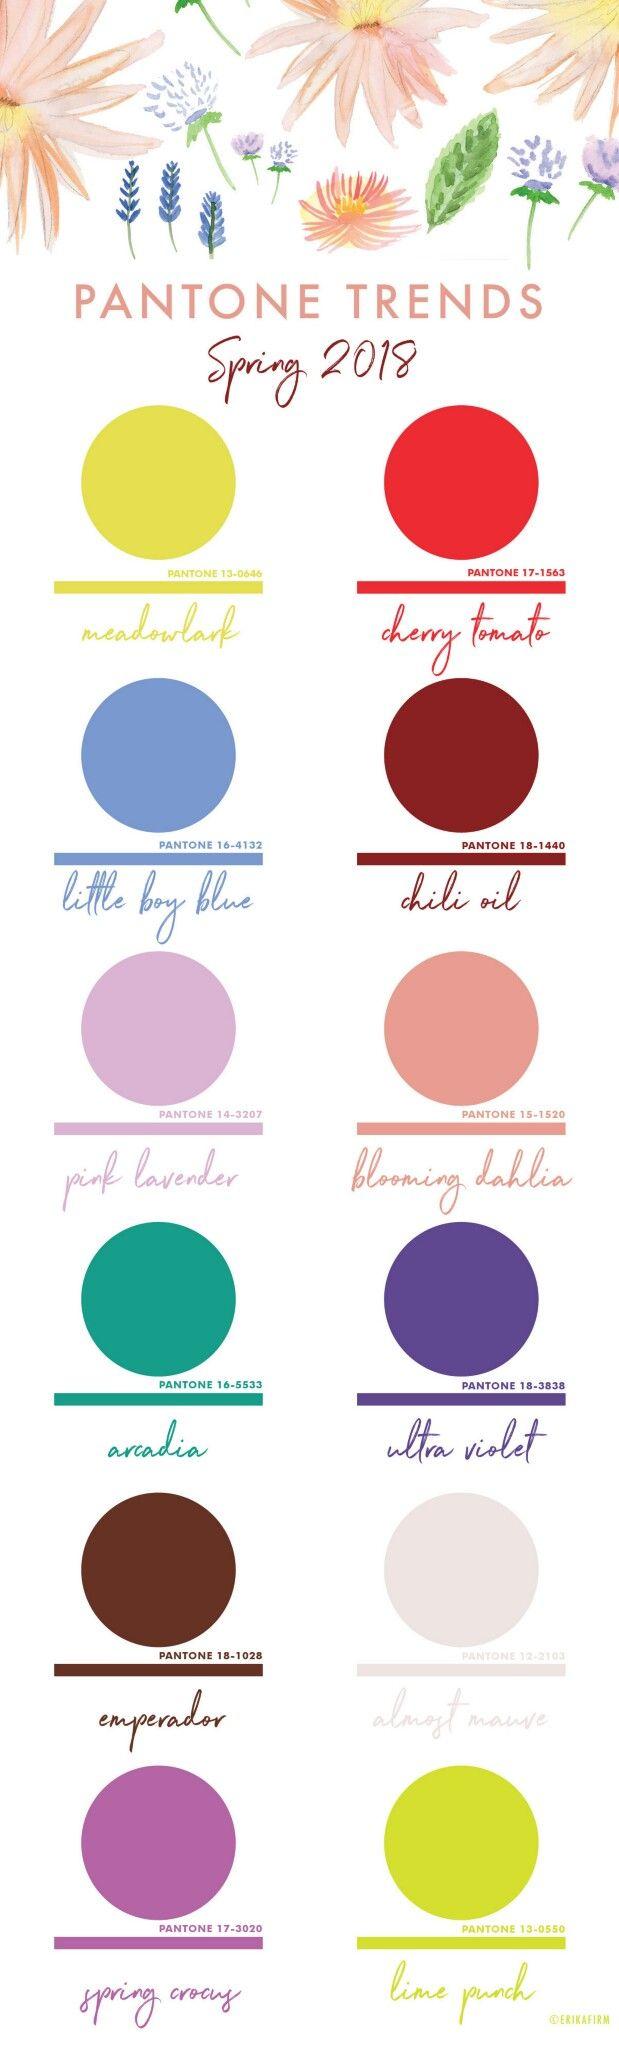 13 best Pantone\u0027s 2017 Colors images on Pinterest | 2017 colors ...